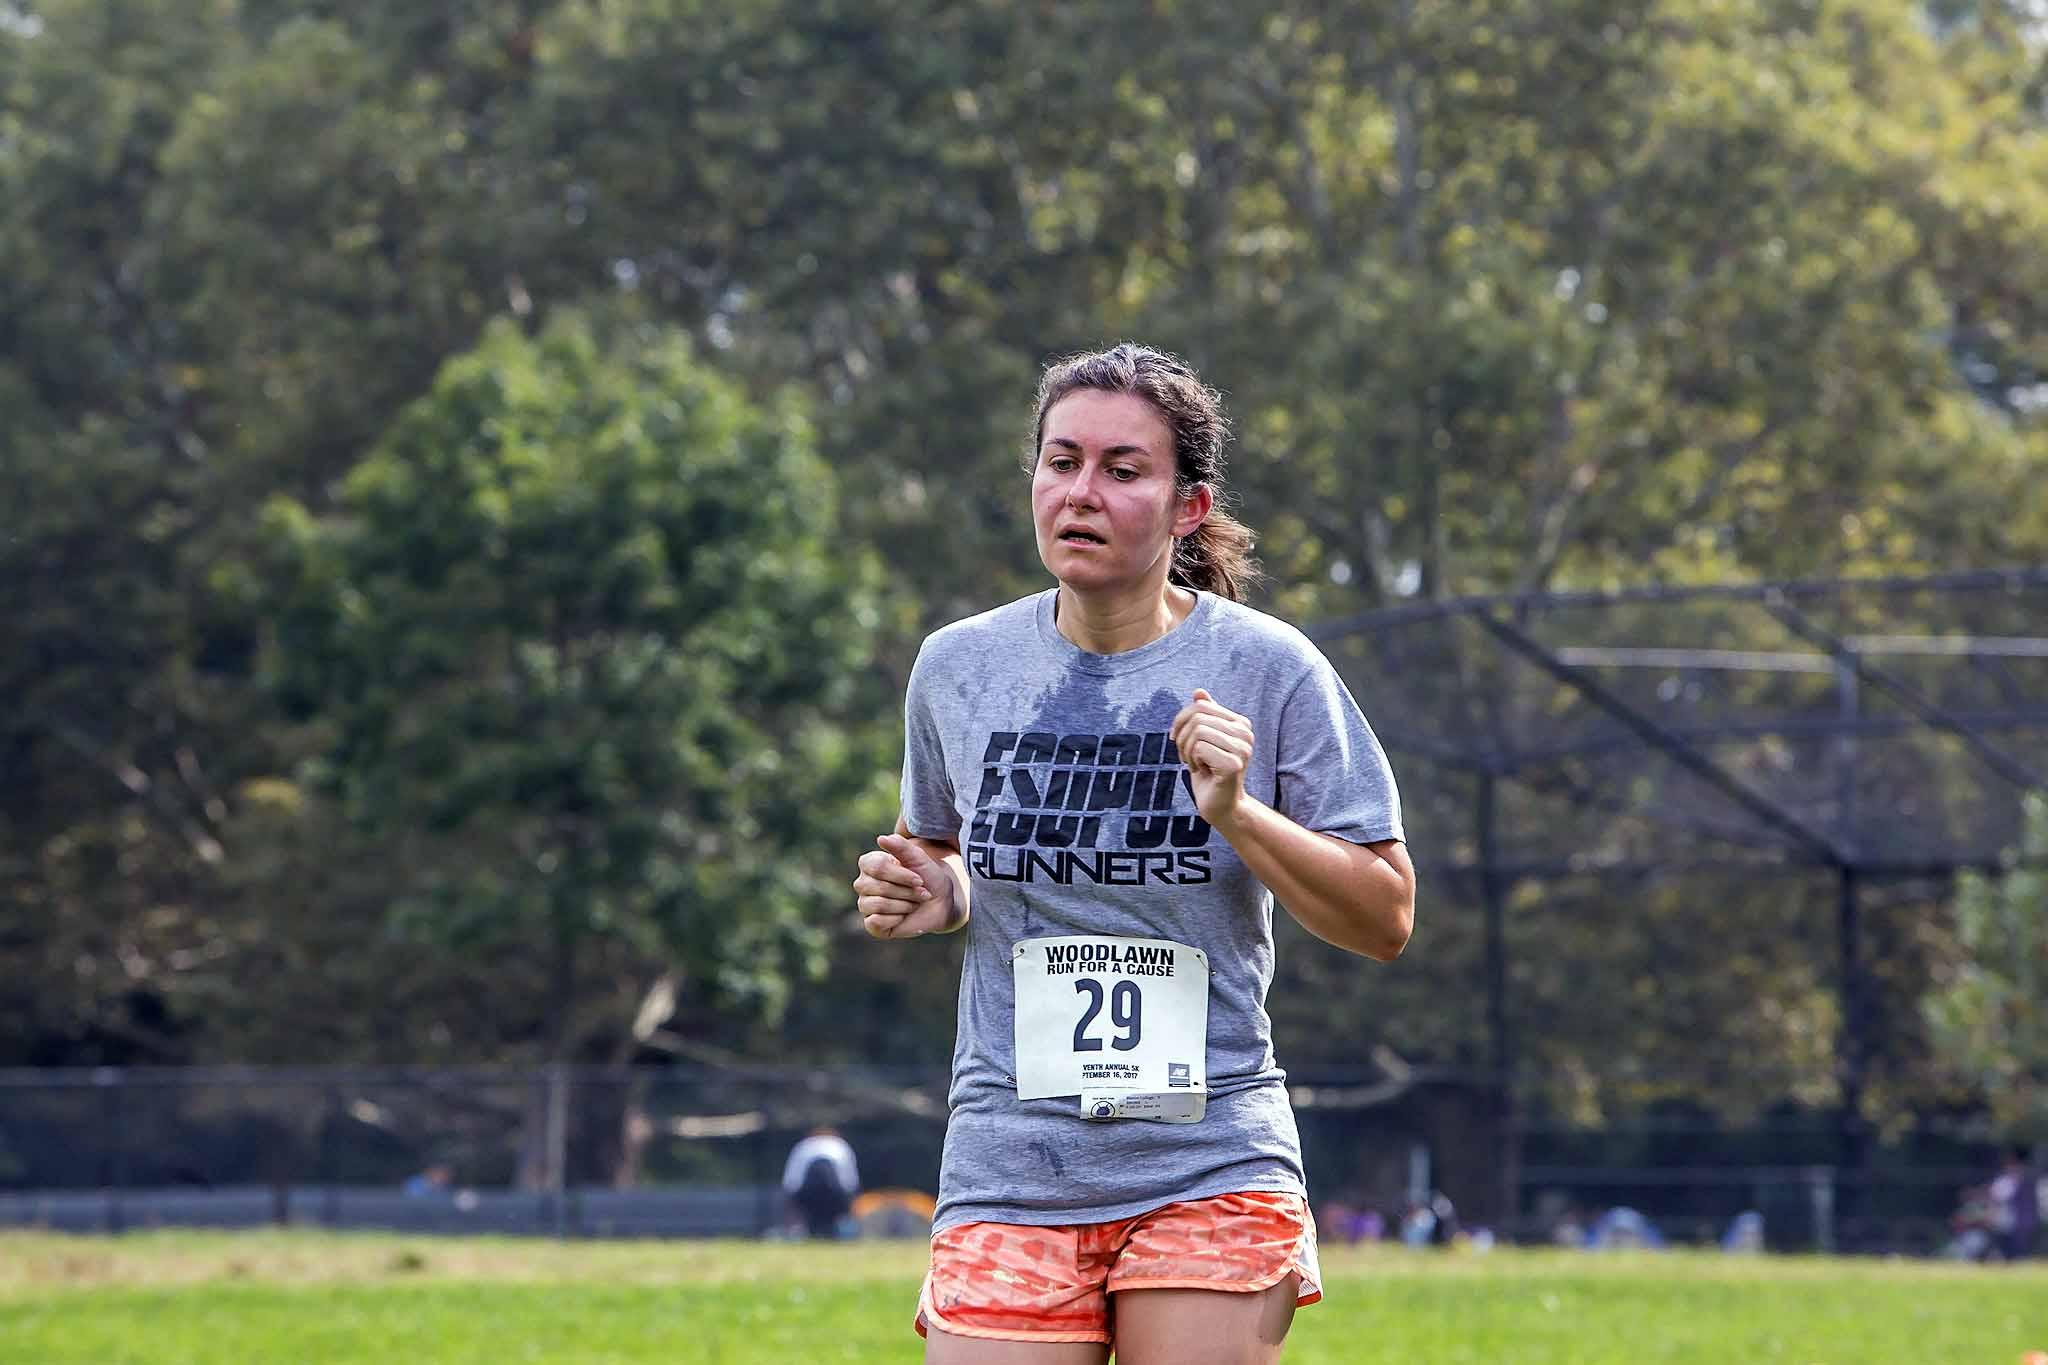 101-Woodlawn Run for a Cause-232.jpg